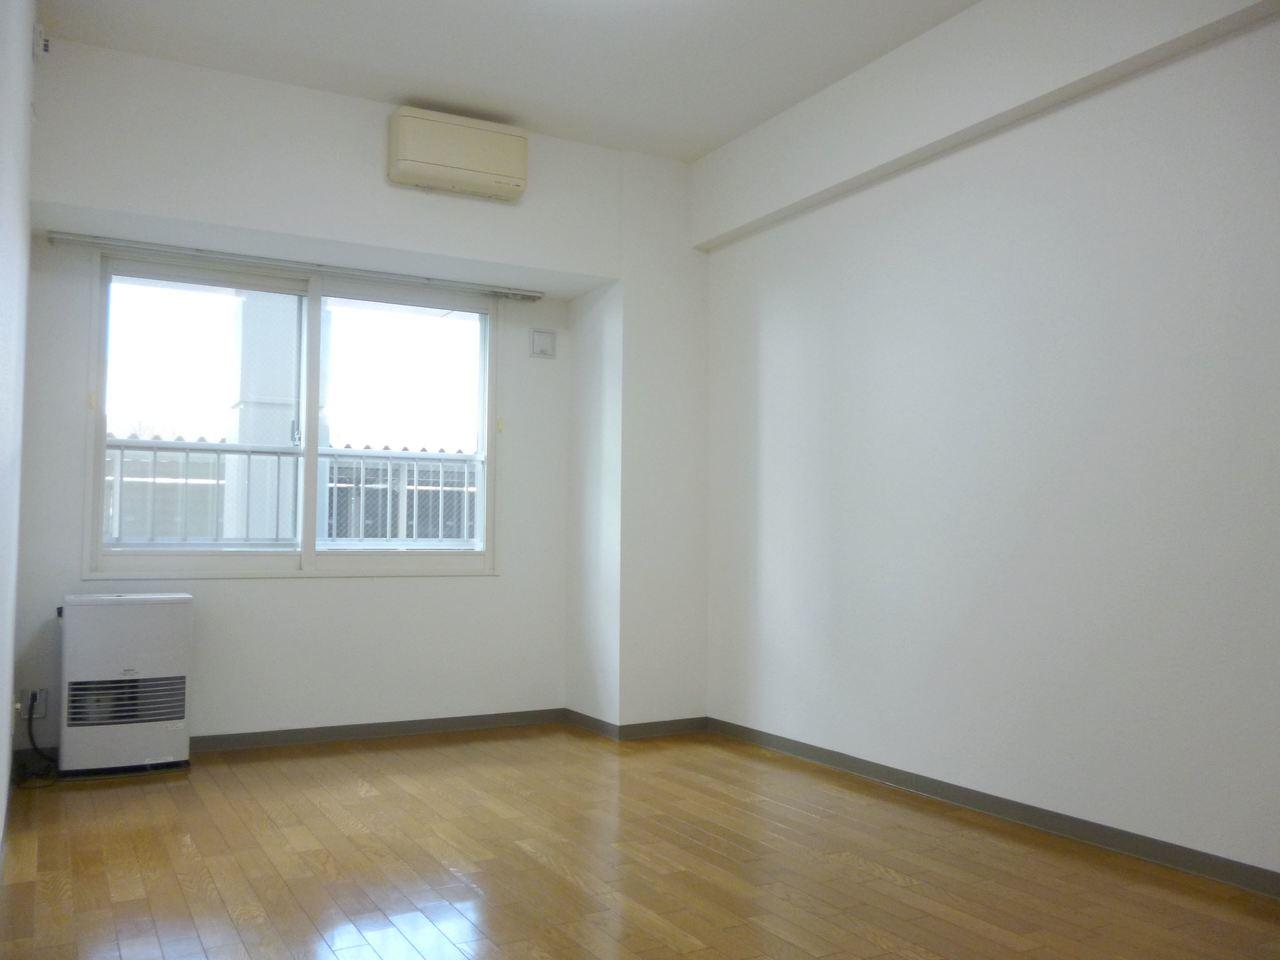 クリーンリバー桑園駅前II 札幌市中央区北十二条西17丁目の中古マンションです。